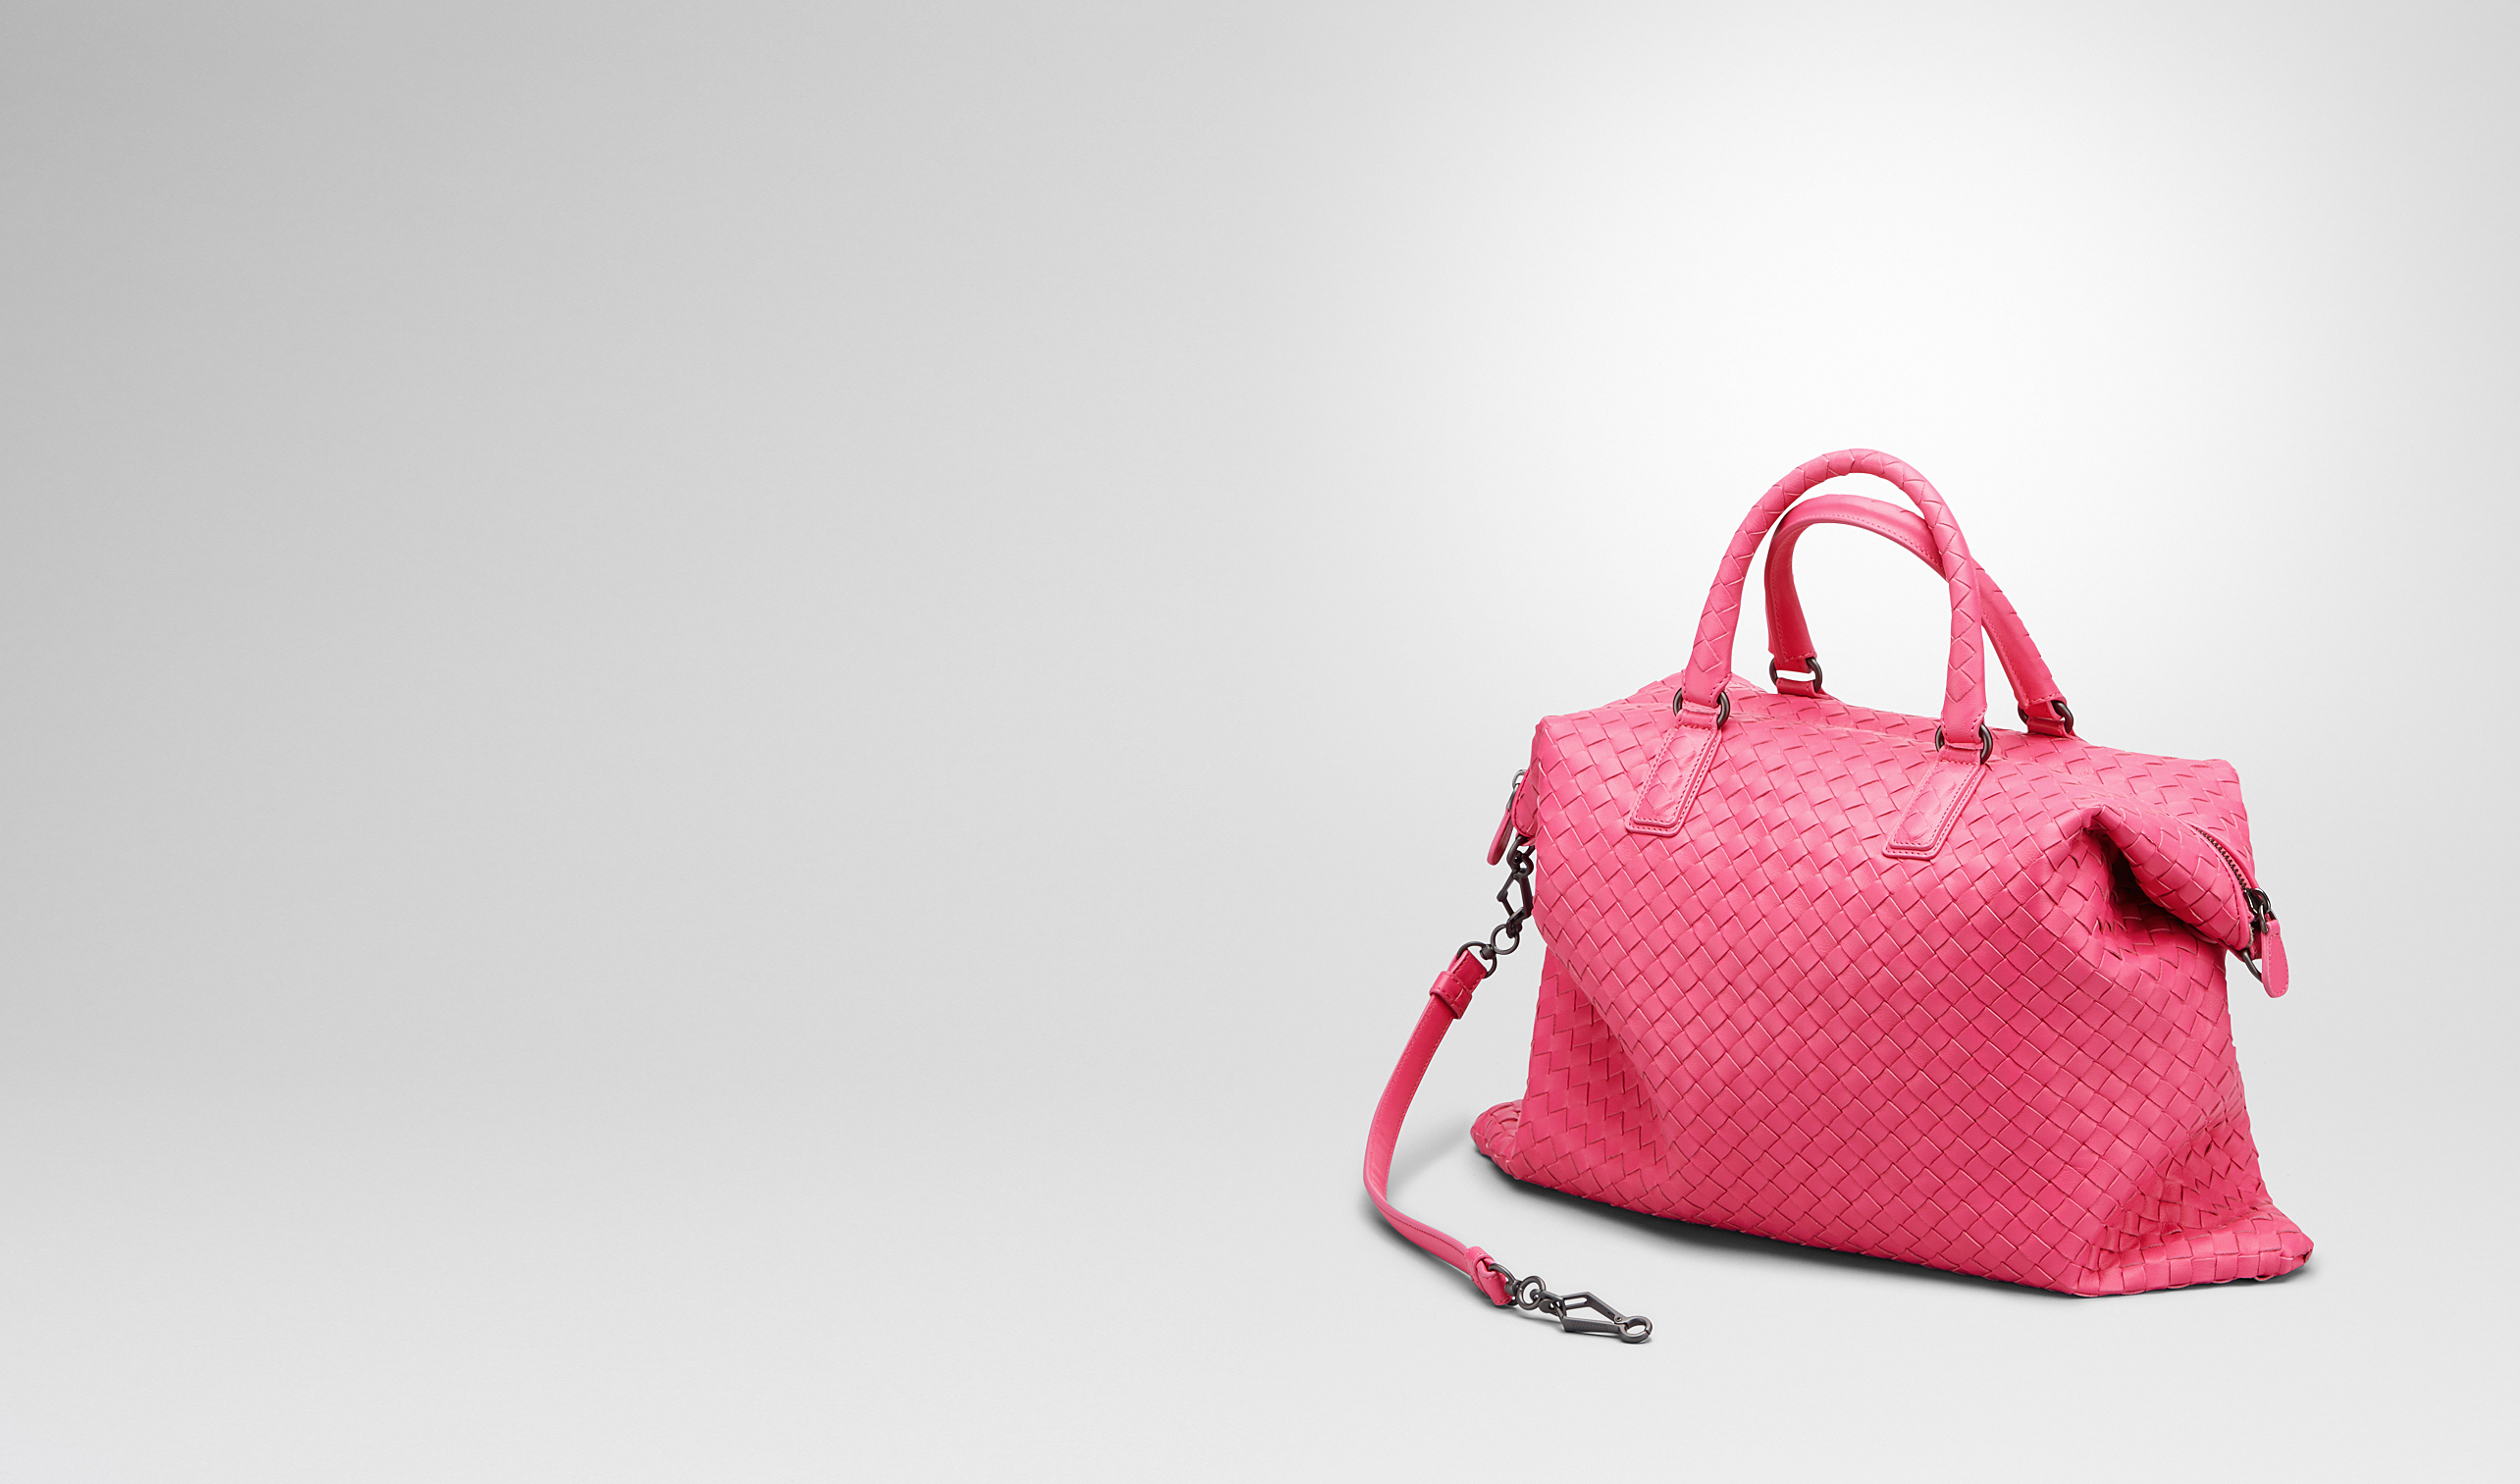 BOTTEGA VENETA Top Handle Bag D Rosa Shock Intrecciato Nappa Convertible Bag pl